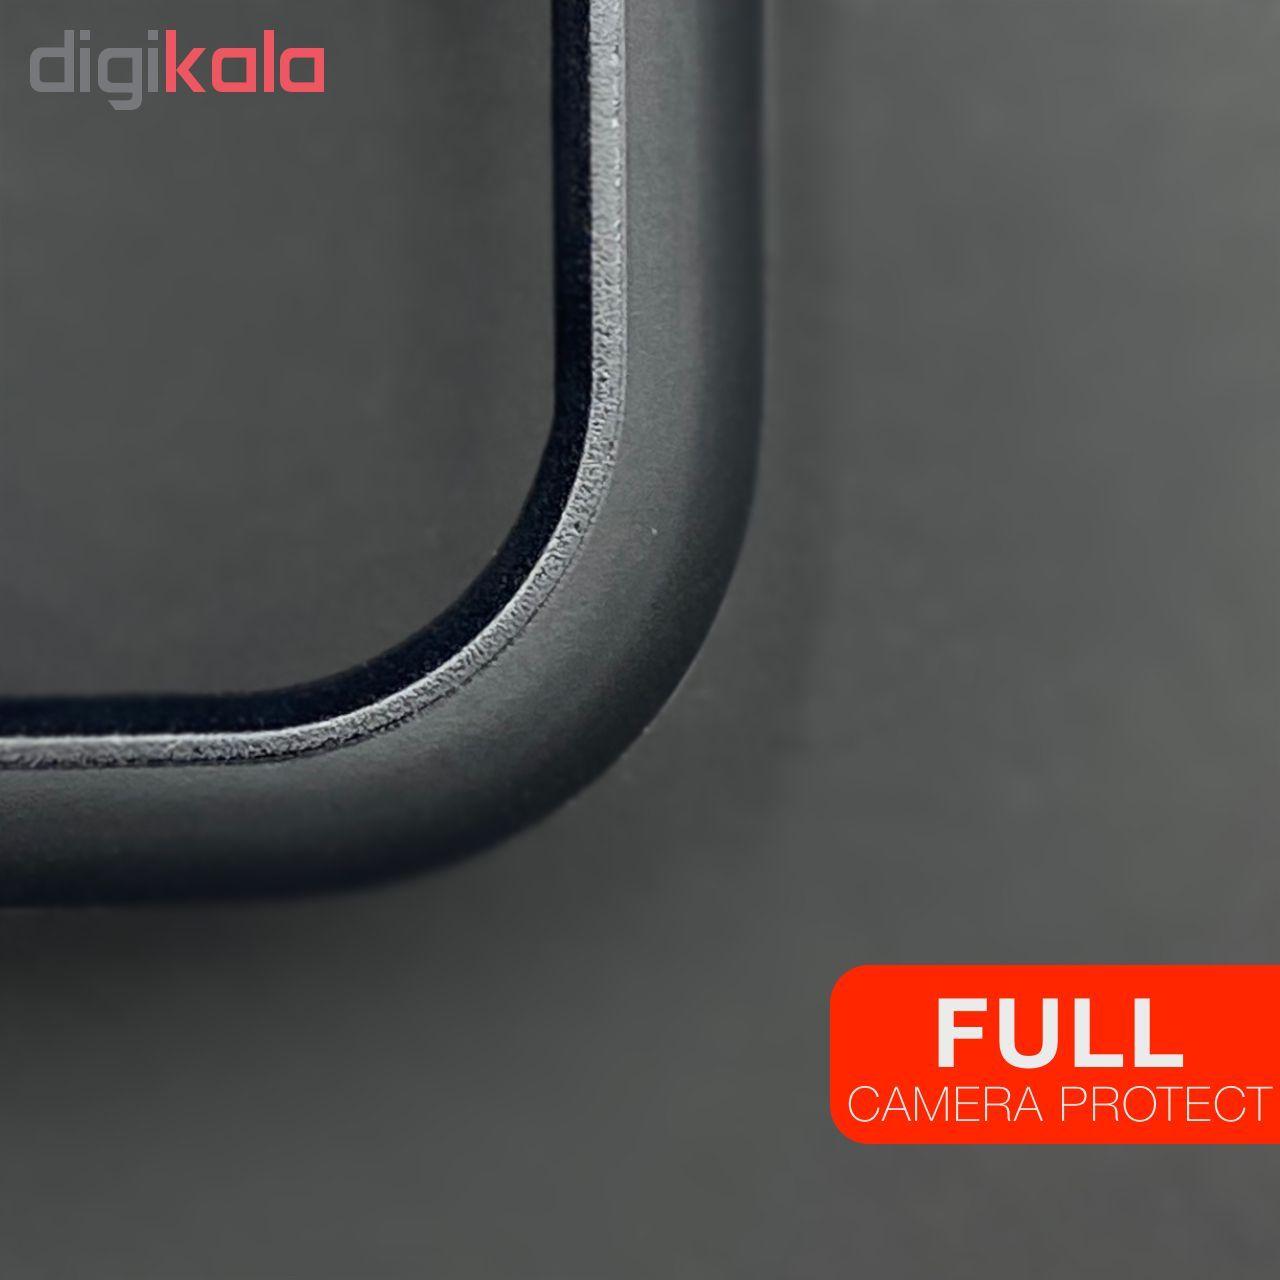 کاور آکام مدل A71757 مناسب برای گوشی موبایل اپل iPhone 7/8 main 1 5